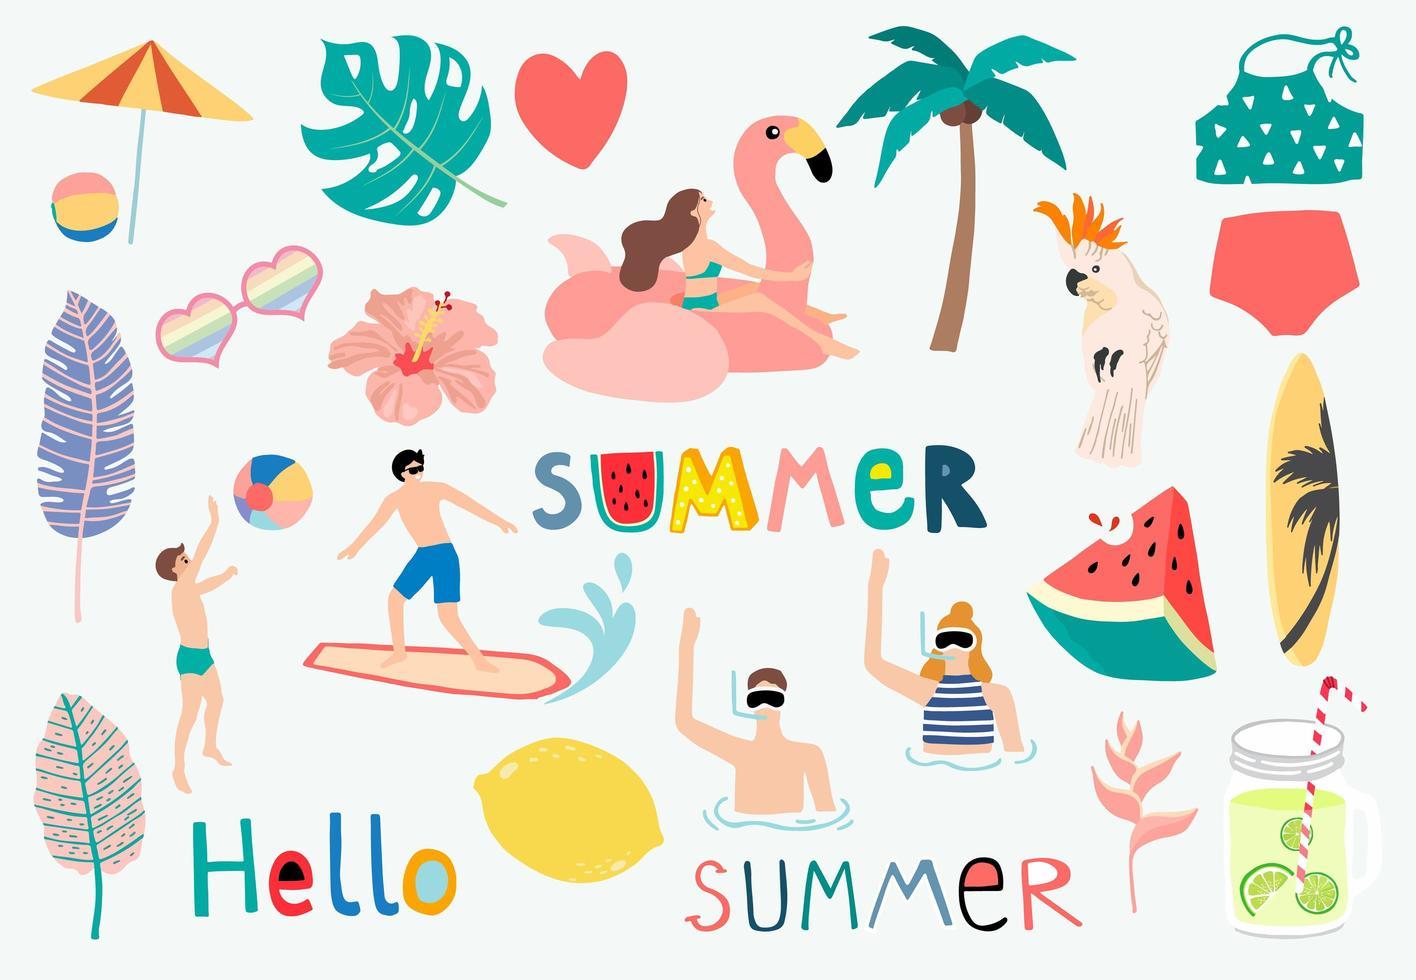 sommarföremål inklusive vattenmelon, citron, flottör och surfbräda vektor